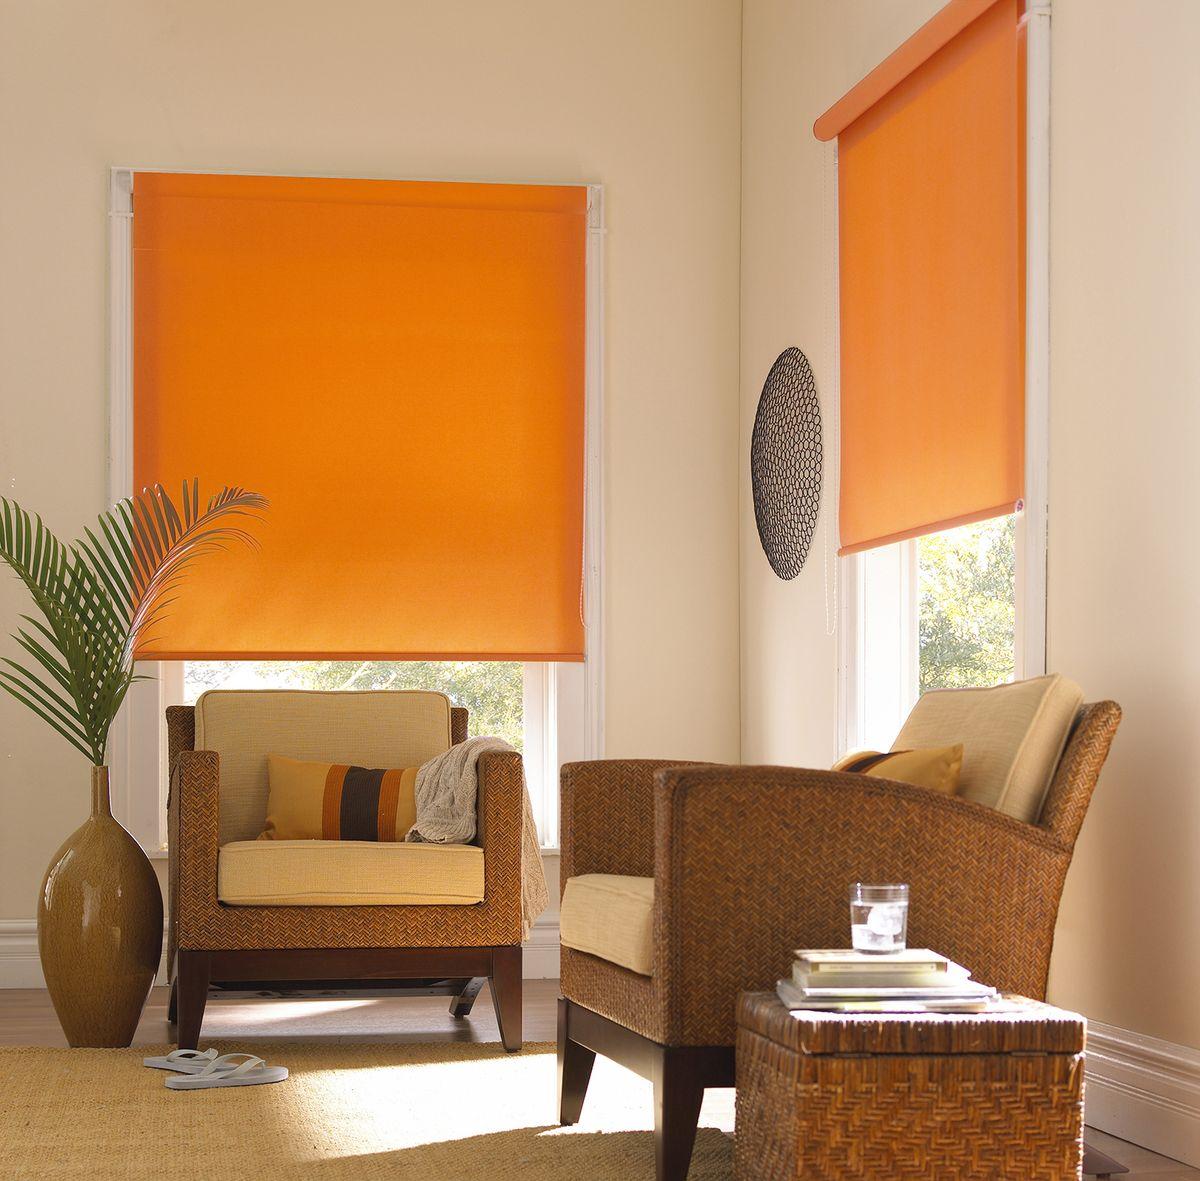 Штора рулонная Эскар Миниролло, цвет: апельсин, ширина 68 см, высота 170 смIRK-503Рулонная штора Эскар Миниролло выполнена из высокопрочной ткани, которая сохраняет свой размер даже при намокании. Ткань не выцветает и обладает отличной цветоустойчивостью.Миниролло - это подвид рулонных штор, который закрывает не весь оконный проем, а непосредственно само стекло. Такие шторы крепятся на раму без сверления при помощи зажимов или клейкой двухсторонней ленты (в комплекте). Окно остается на гарантии, благодаря монтажу без сверления. Такая штора станет прекрасным элементом декора окна и гармонично впишется в интерьер любого помещения.